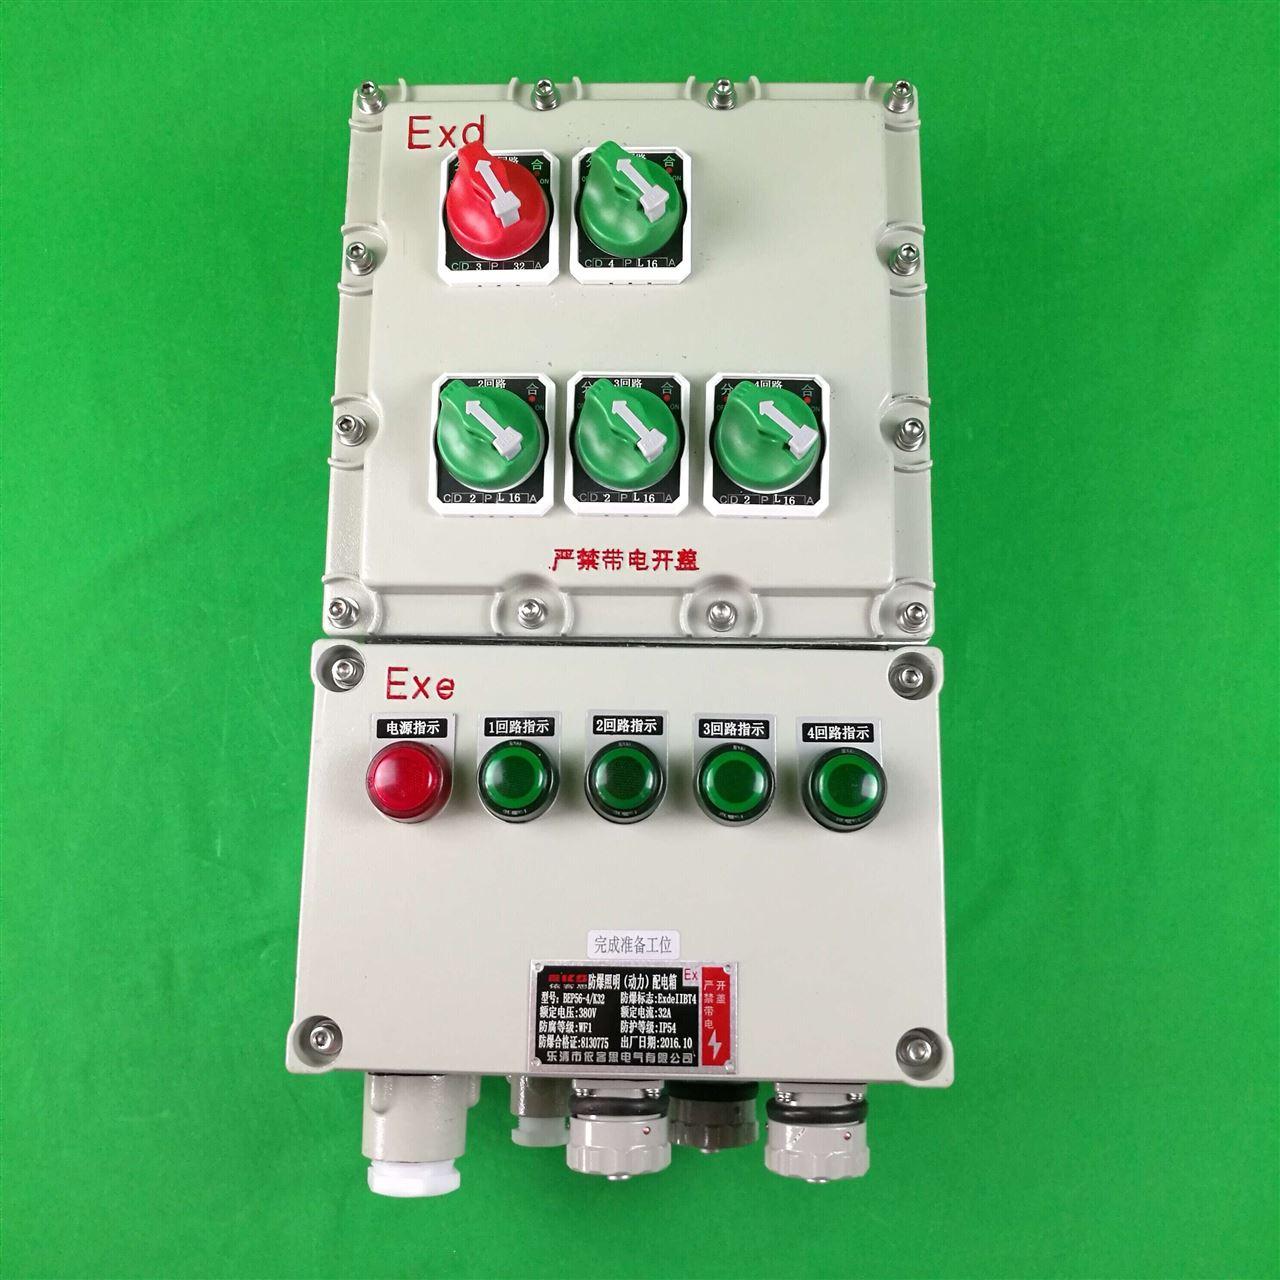 配电将防爆降压起动箱置于防护柜中,实现对交流50hz,电压为380v,电路